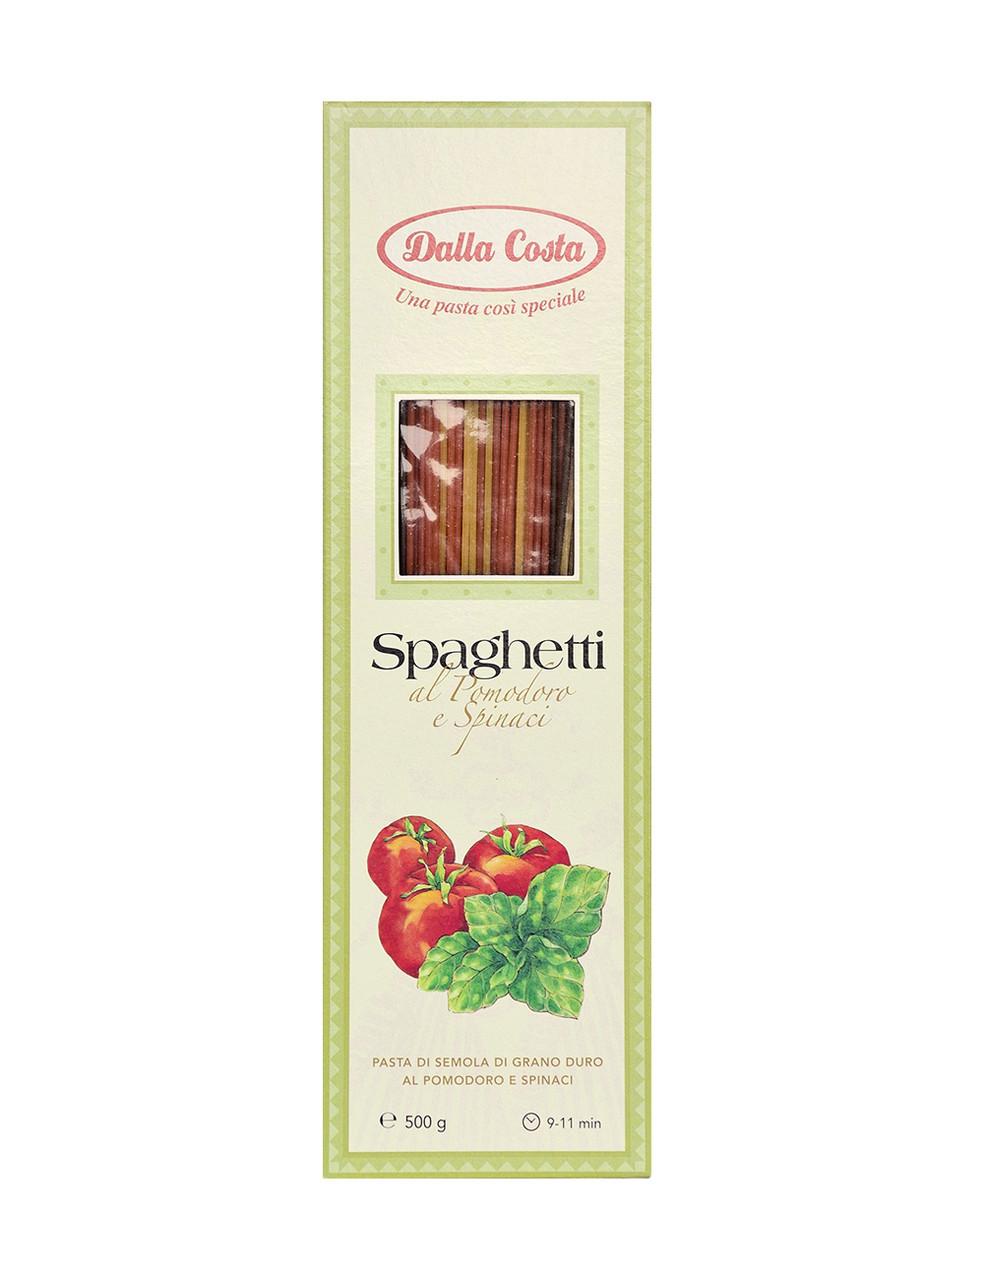 Спагетти твердых сортов Dalla Costa Spaghetti al Pomodoro e Spinaci, 500 г.